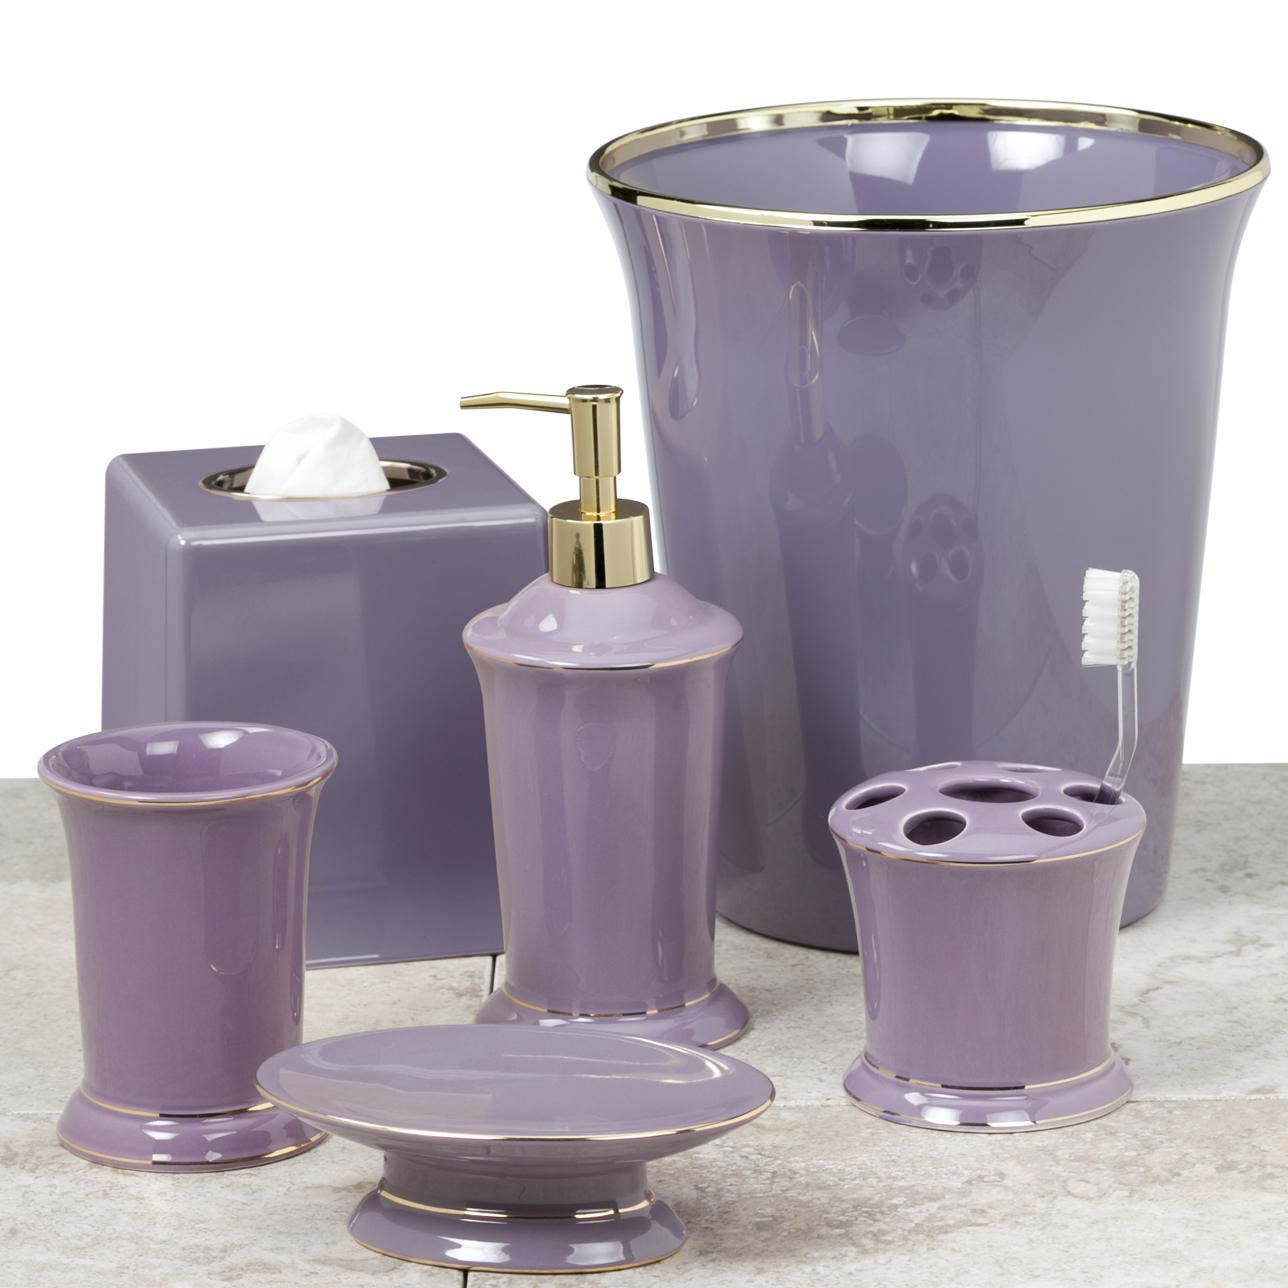 spa bathroom supplies photo - 8